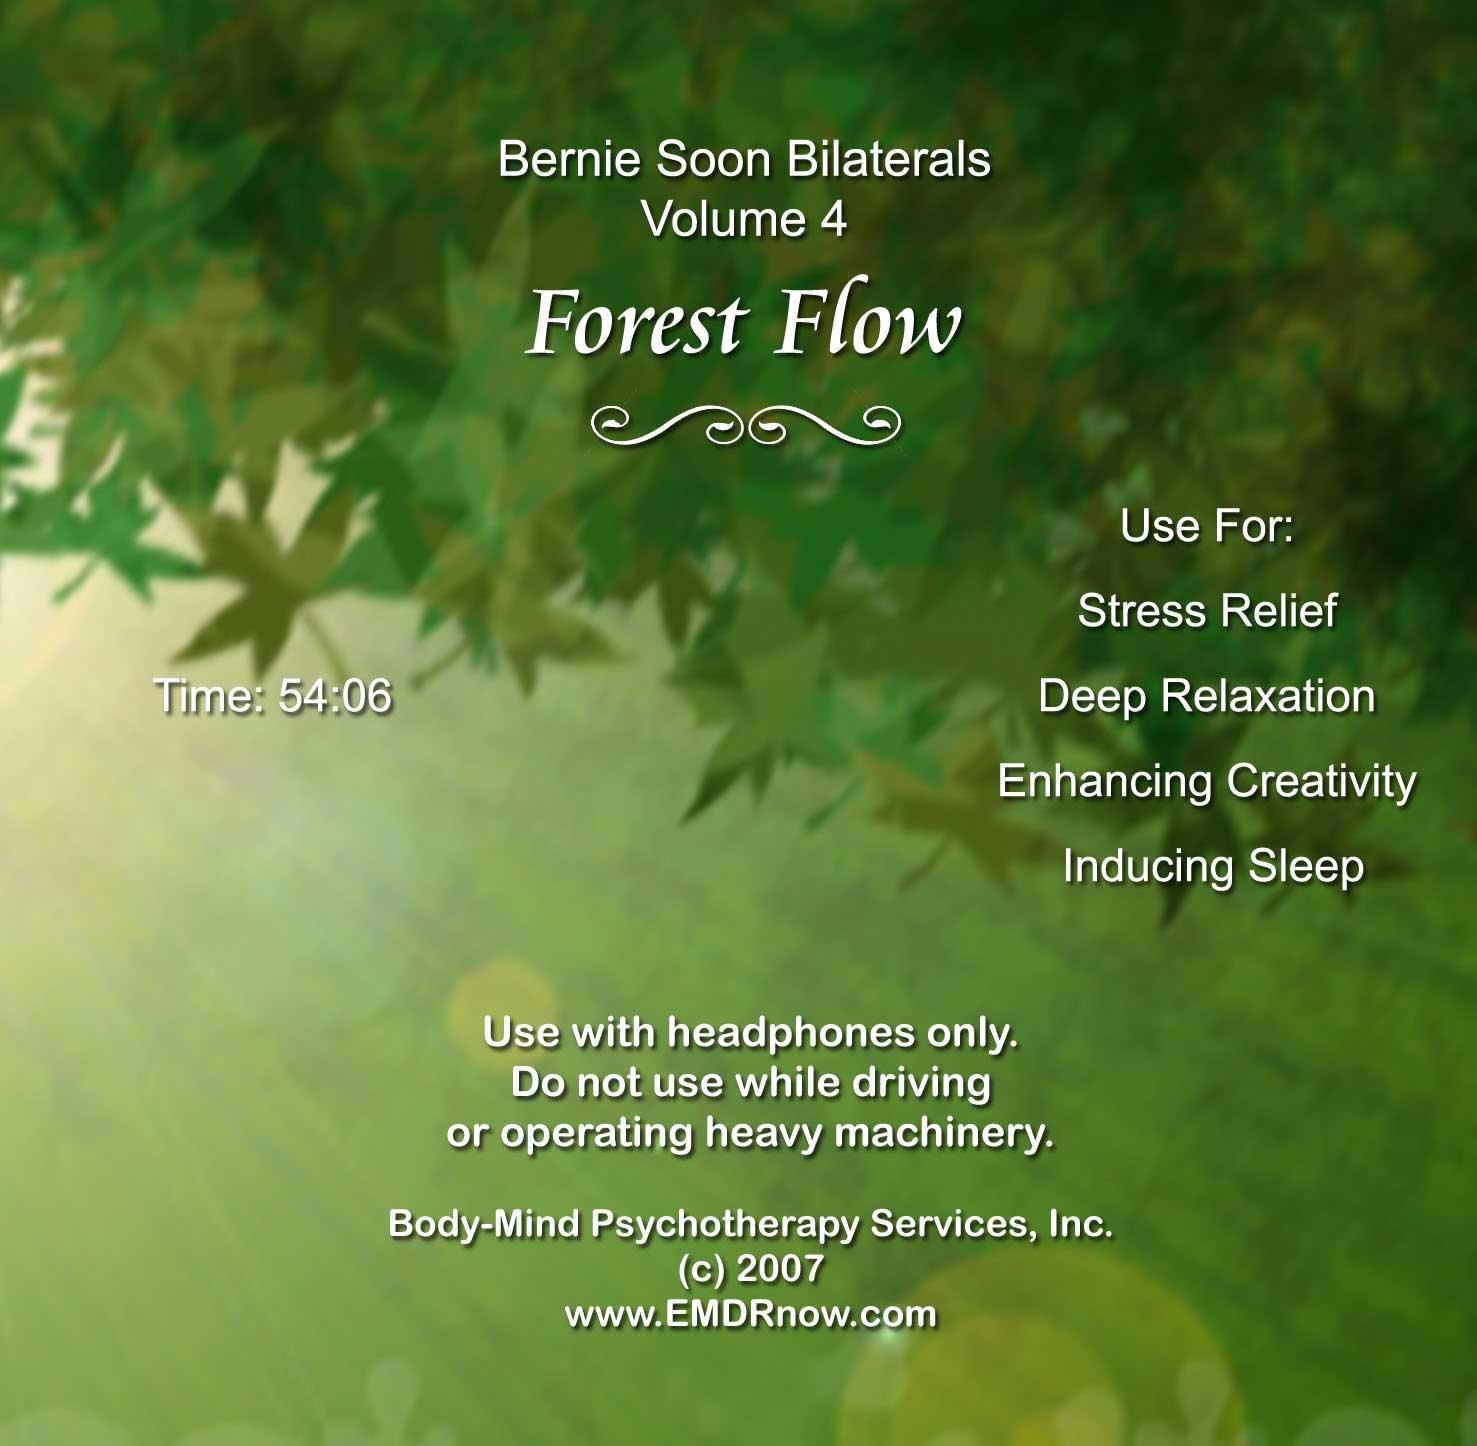 EMDR Bilateral CD Vol. 1 Forest Flow